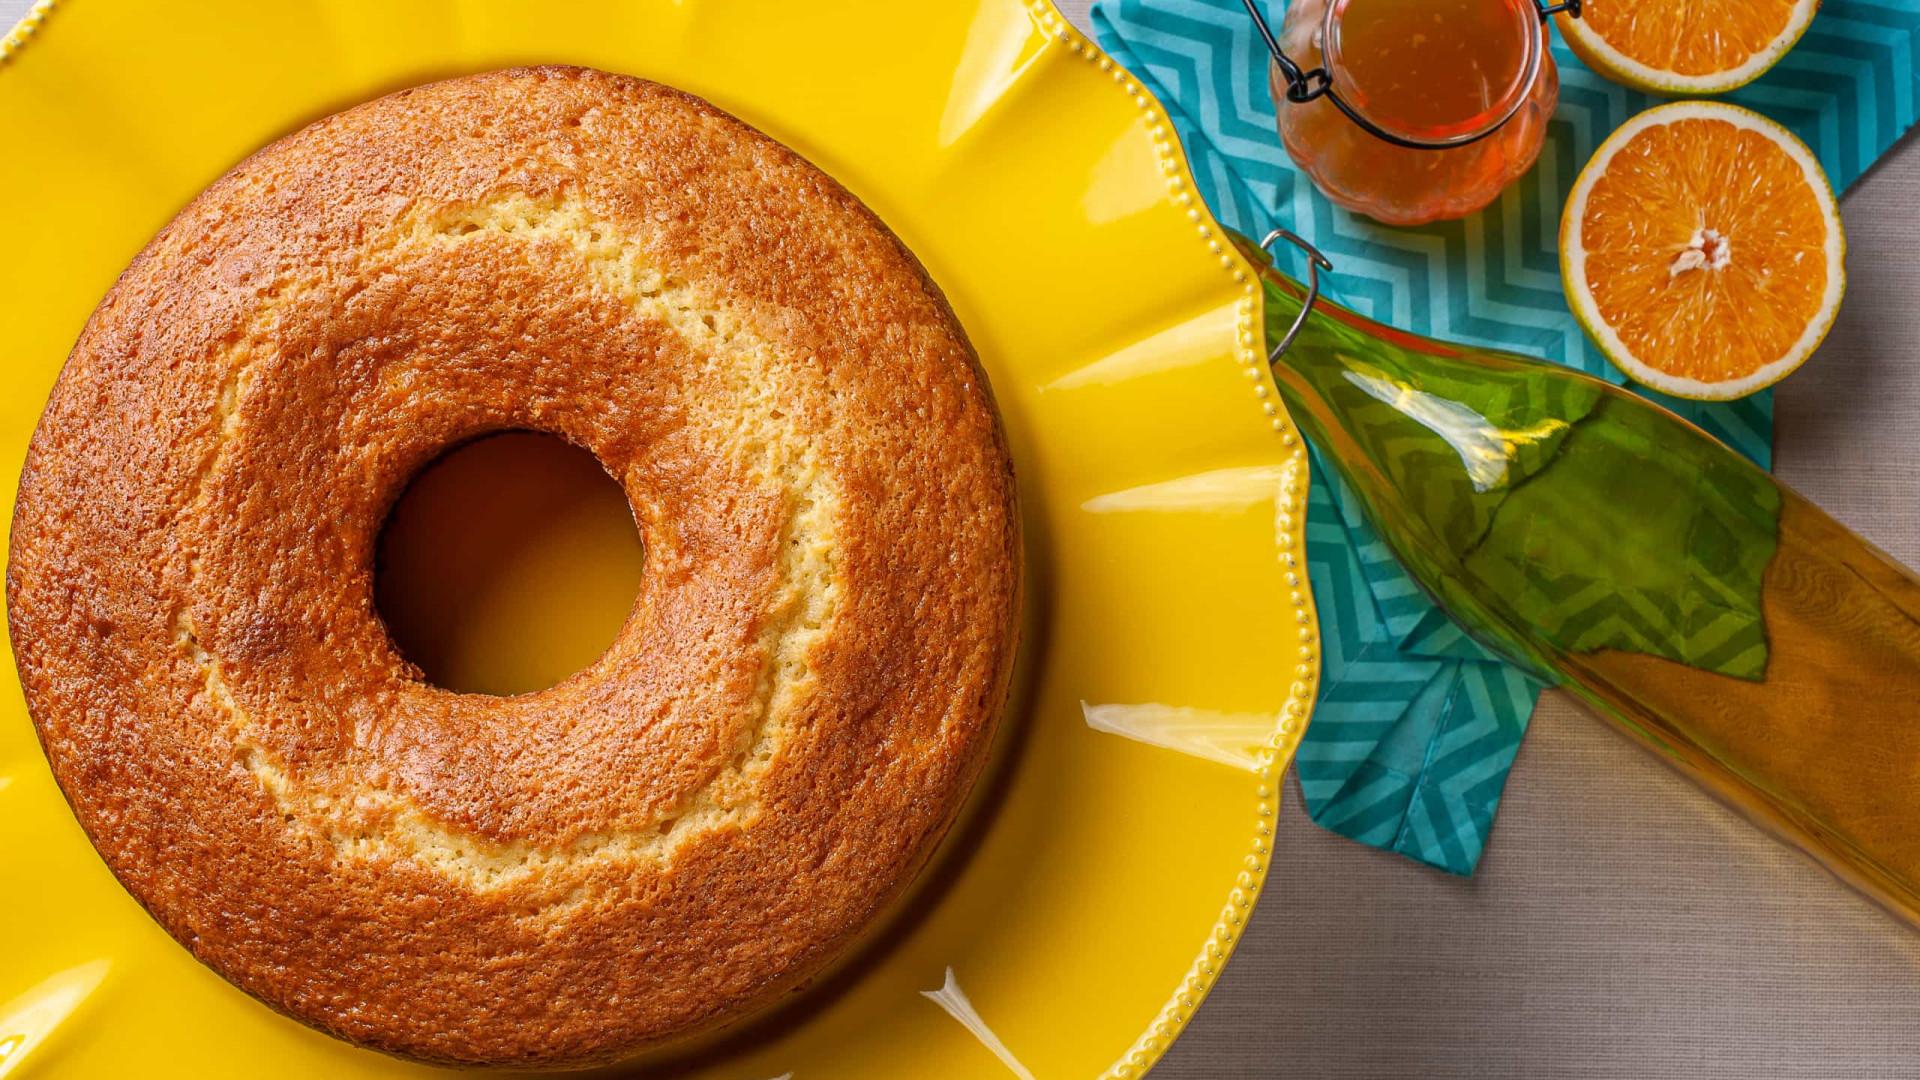 Que tal um bolo de laranja quentinho para o café da tarde?